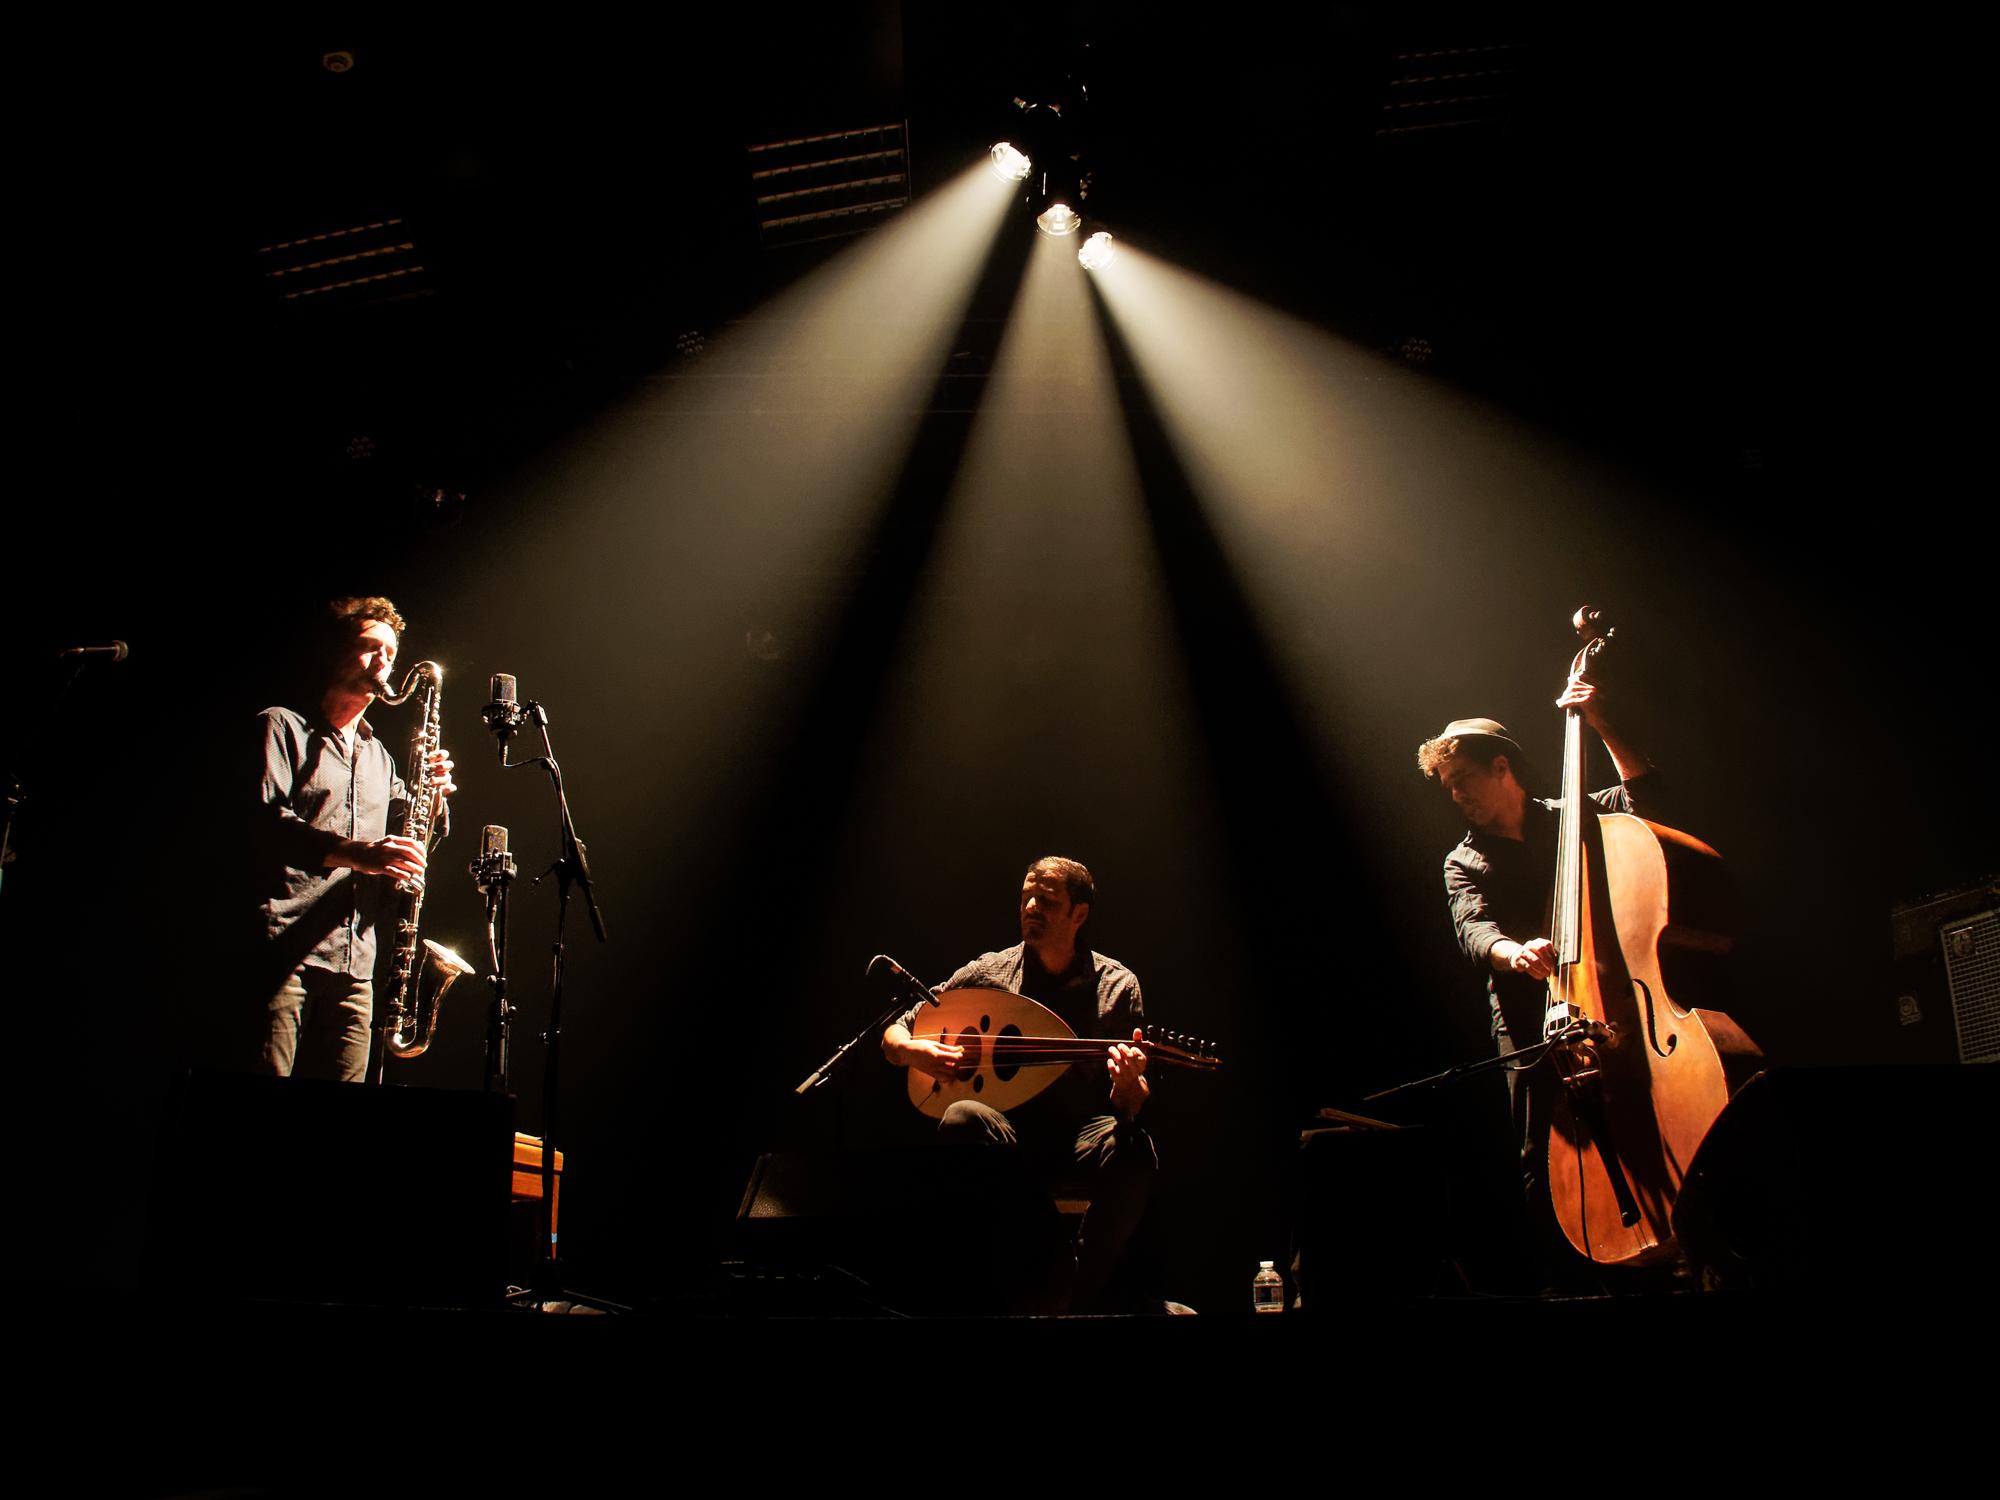 [La Bobine] Douar Trio + Eténèsh Wassié Trio 9/02